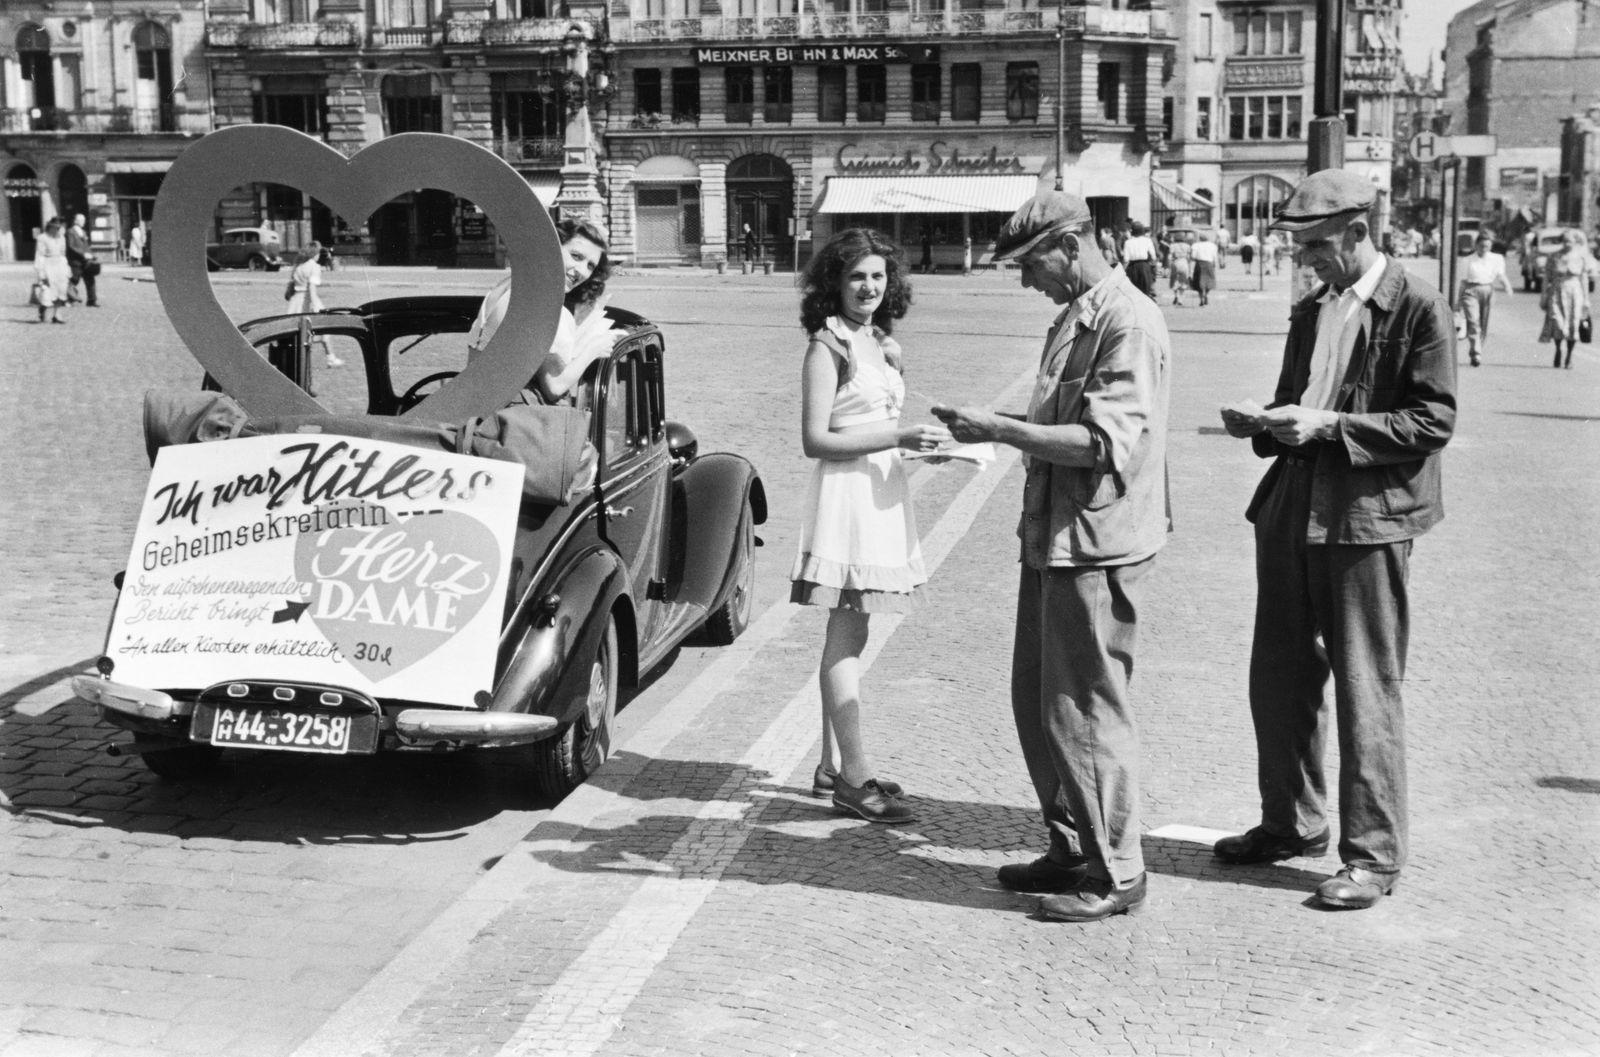 """Zwei junge Frauen machen Werbung für die Veröffentlichung des Berichtes """"Ich war Hitlers Geheimsekretärin"""""""